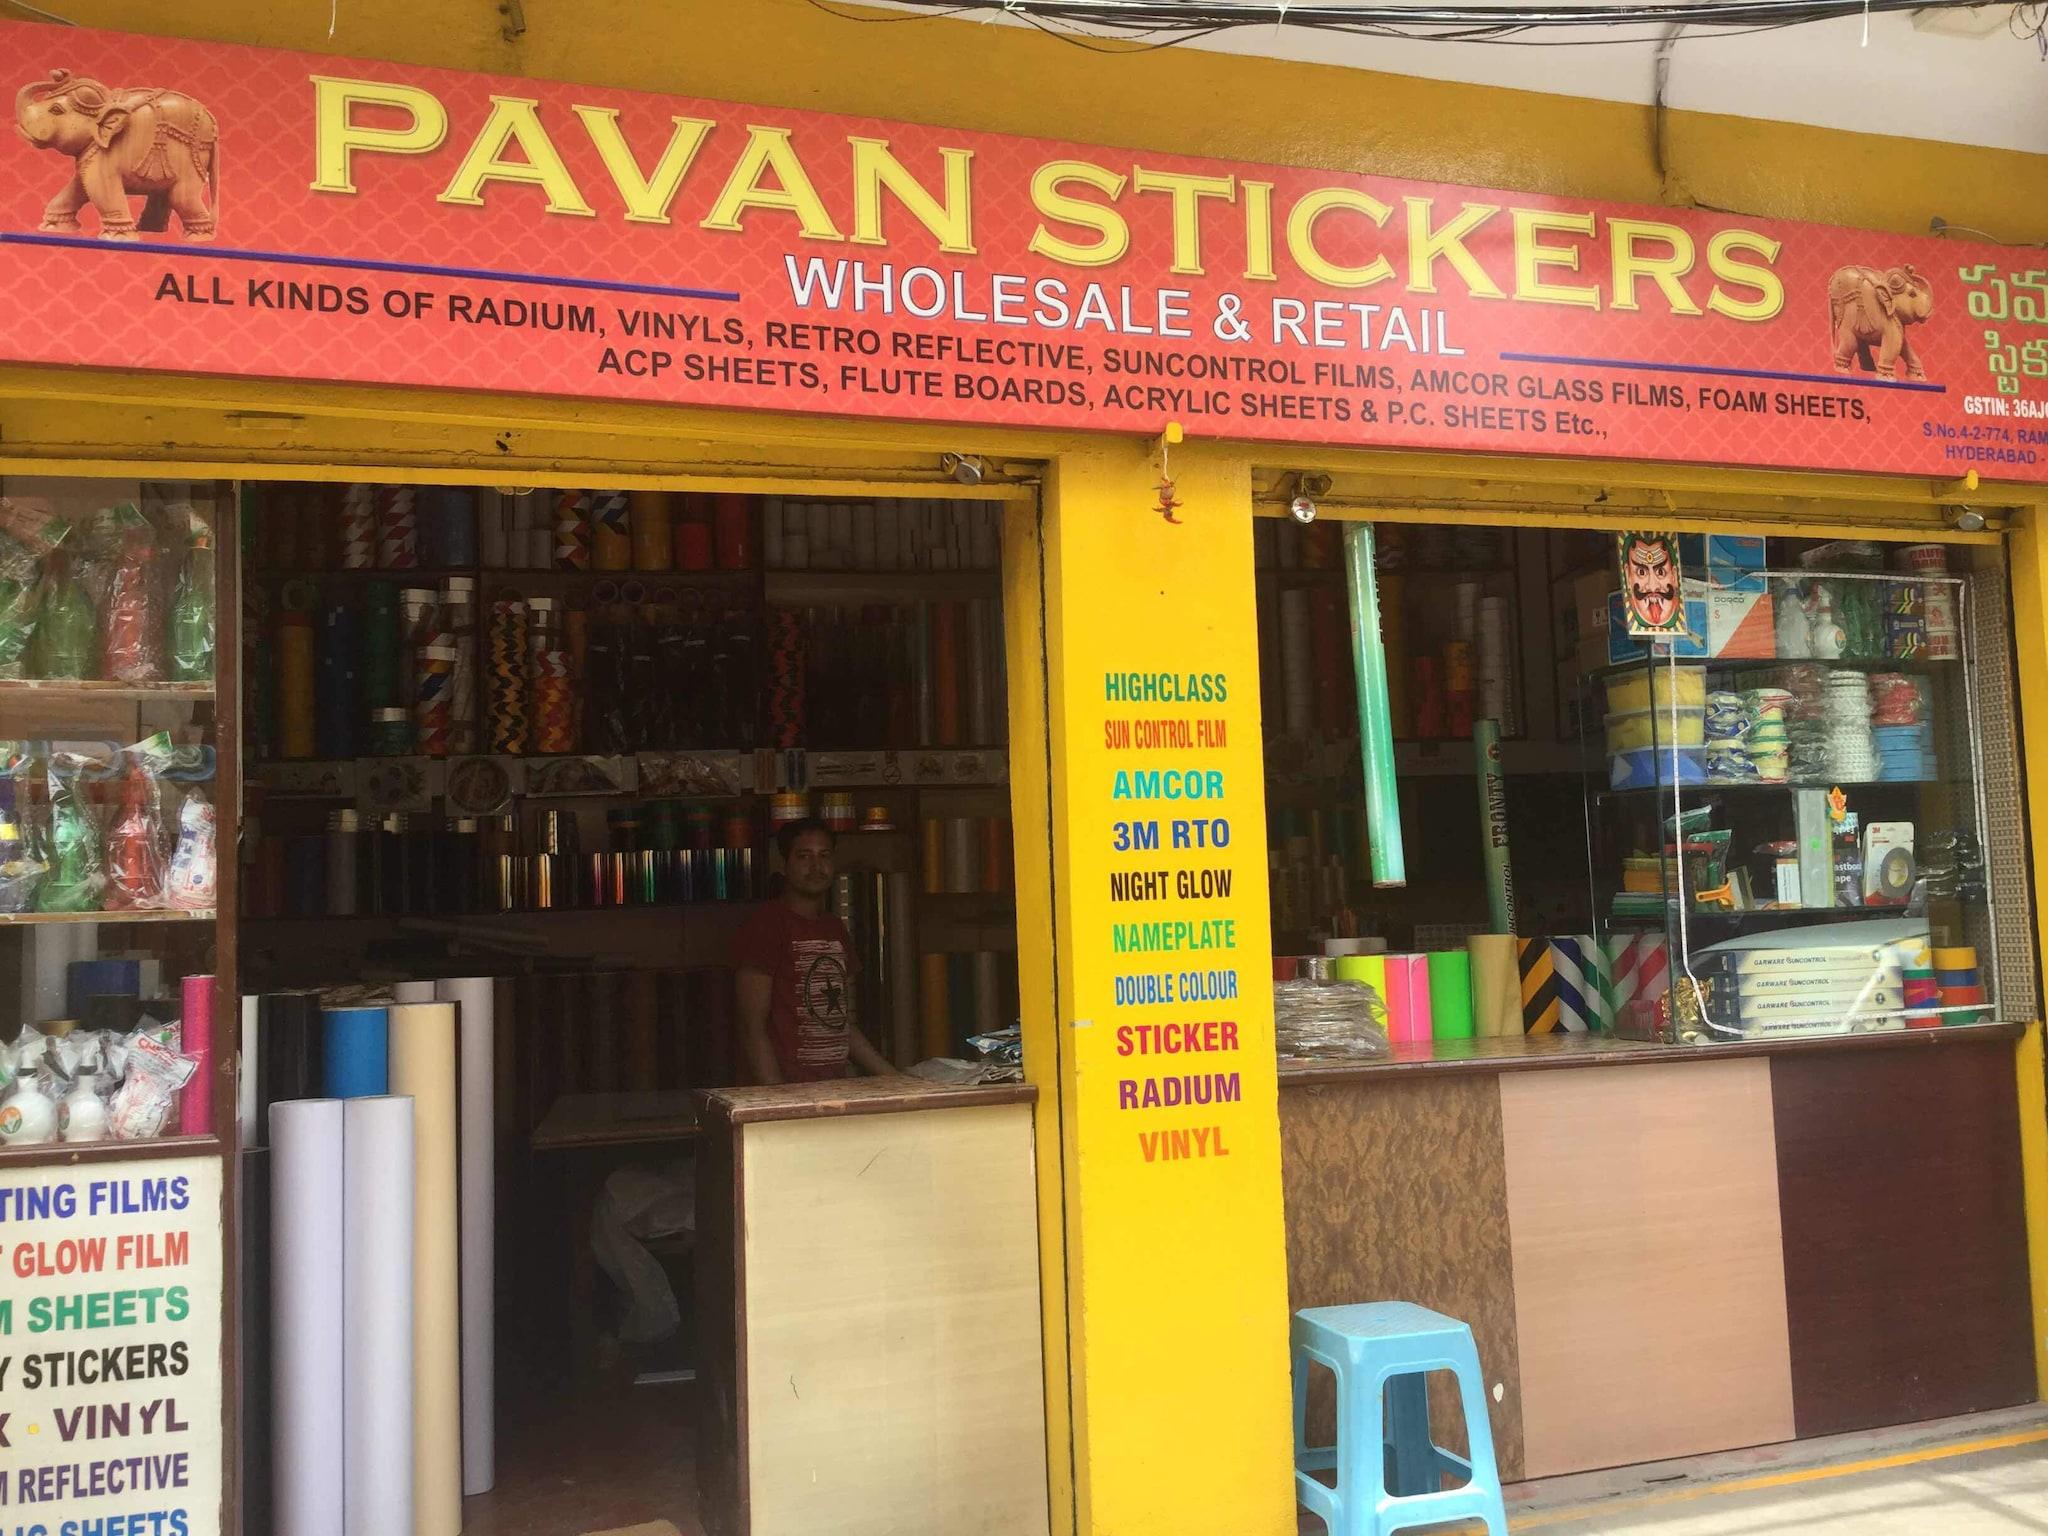 Top 10 sticker dealers in new mallepally best plain sticker dealers hyderabad justdial